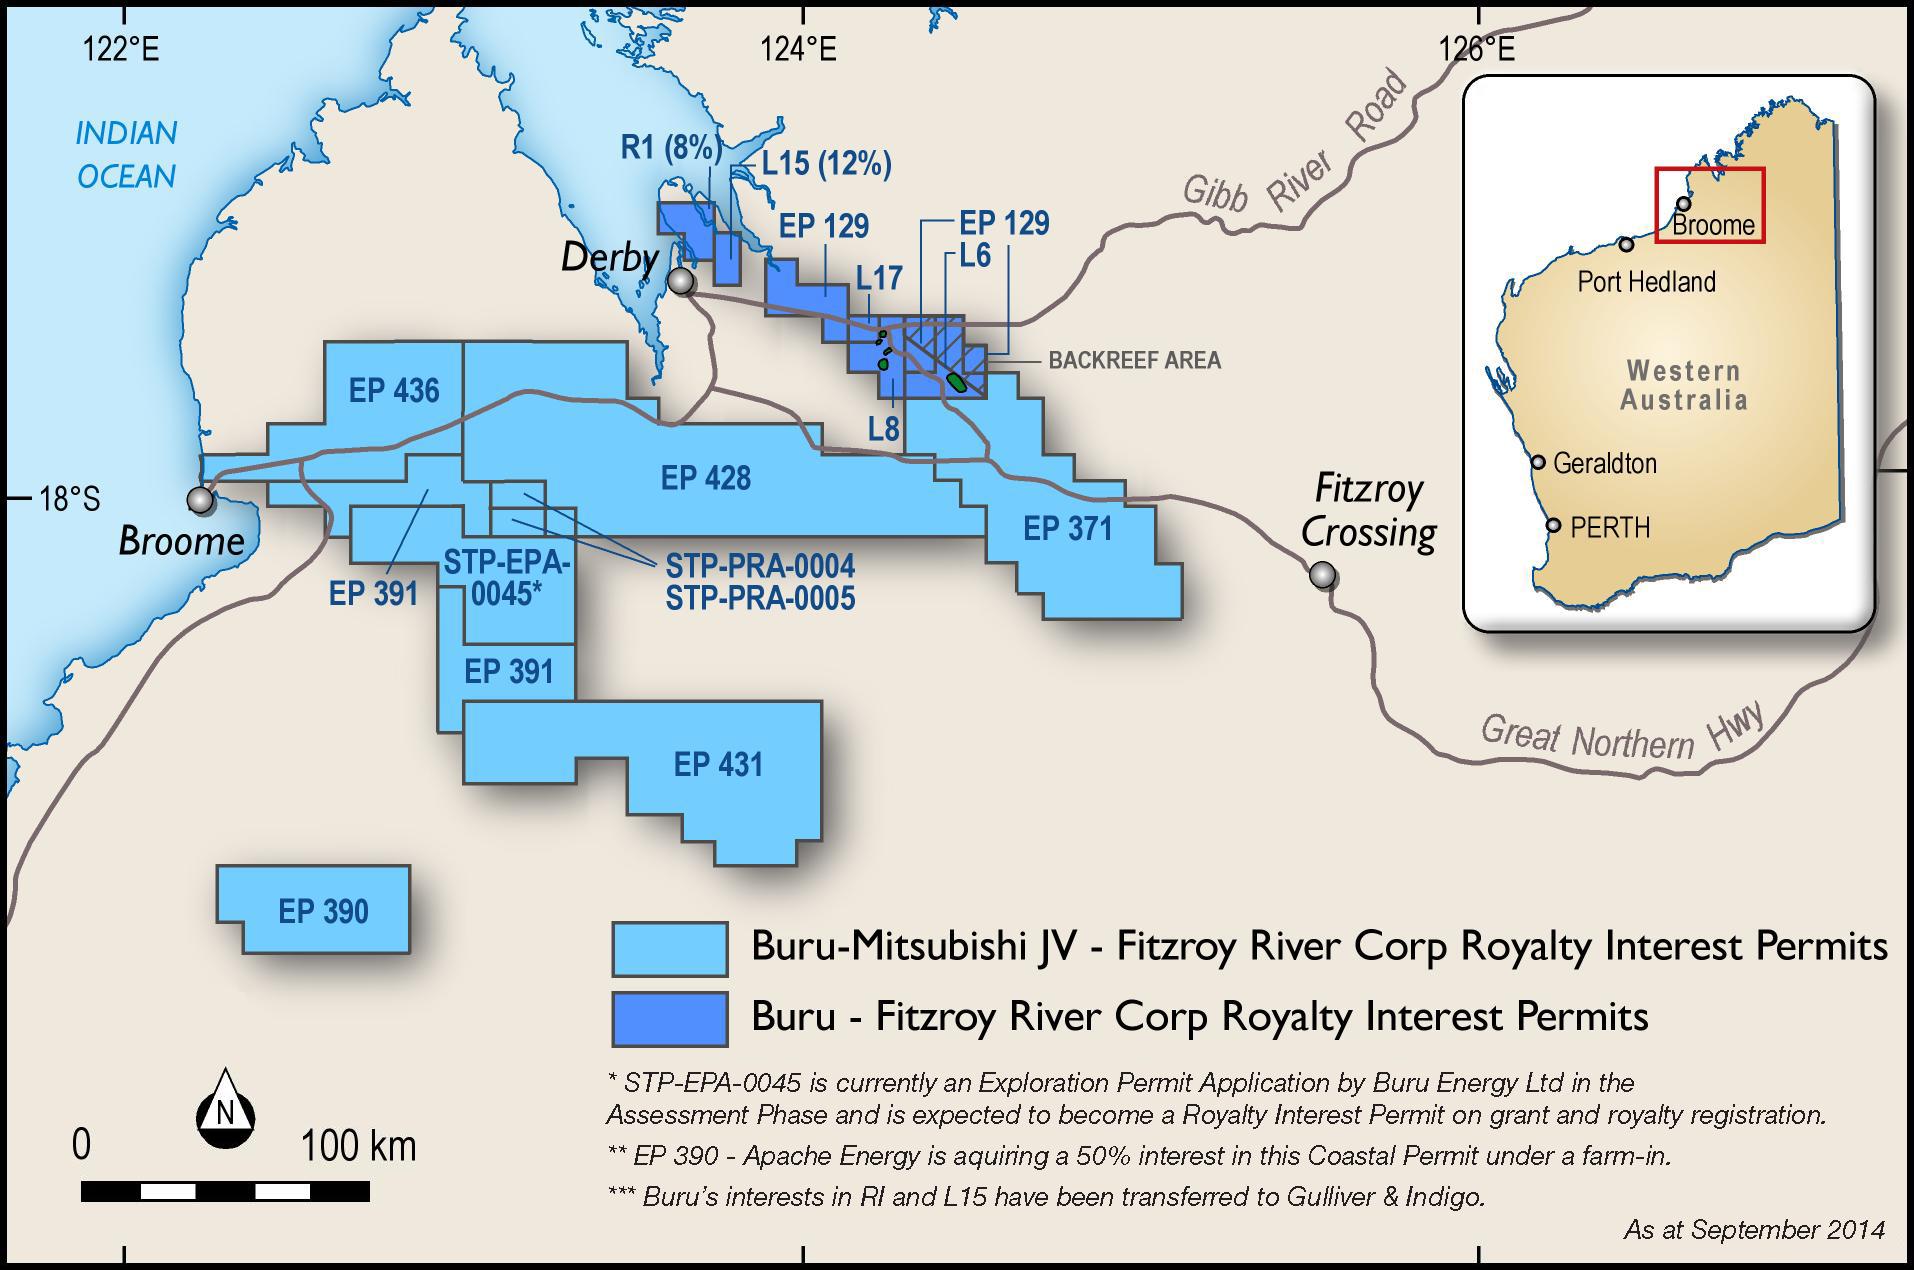 Map of Buru tenements and FZR tenements